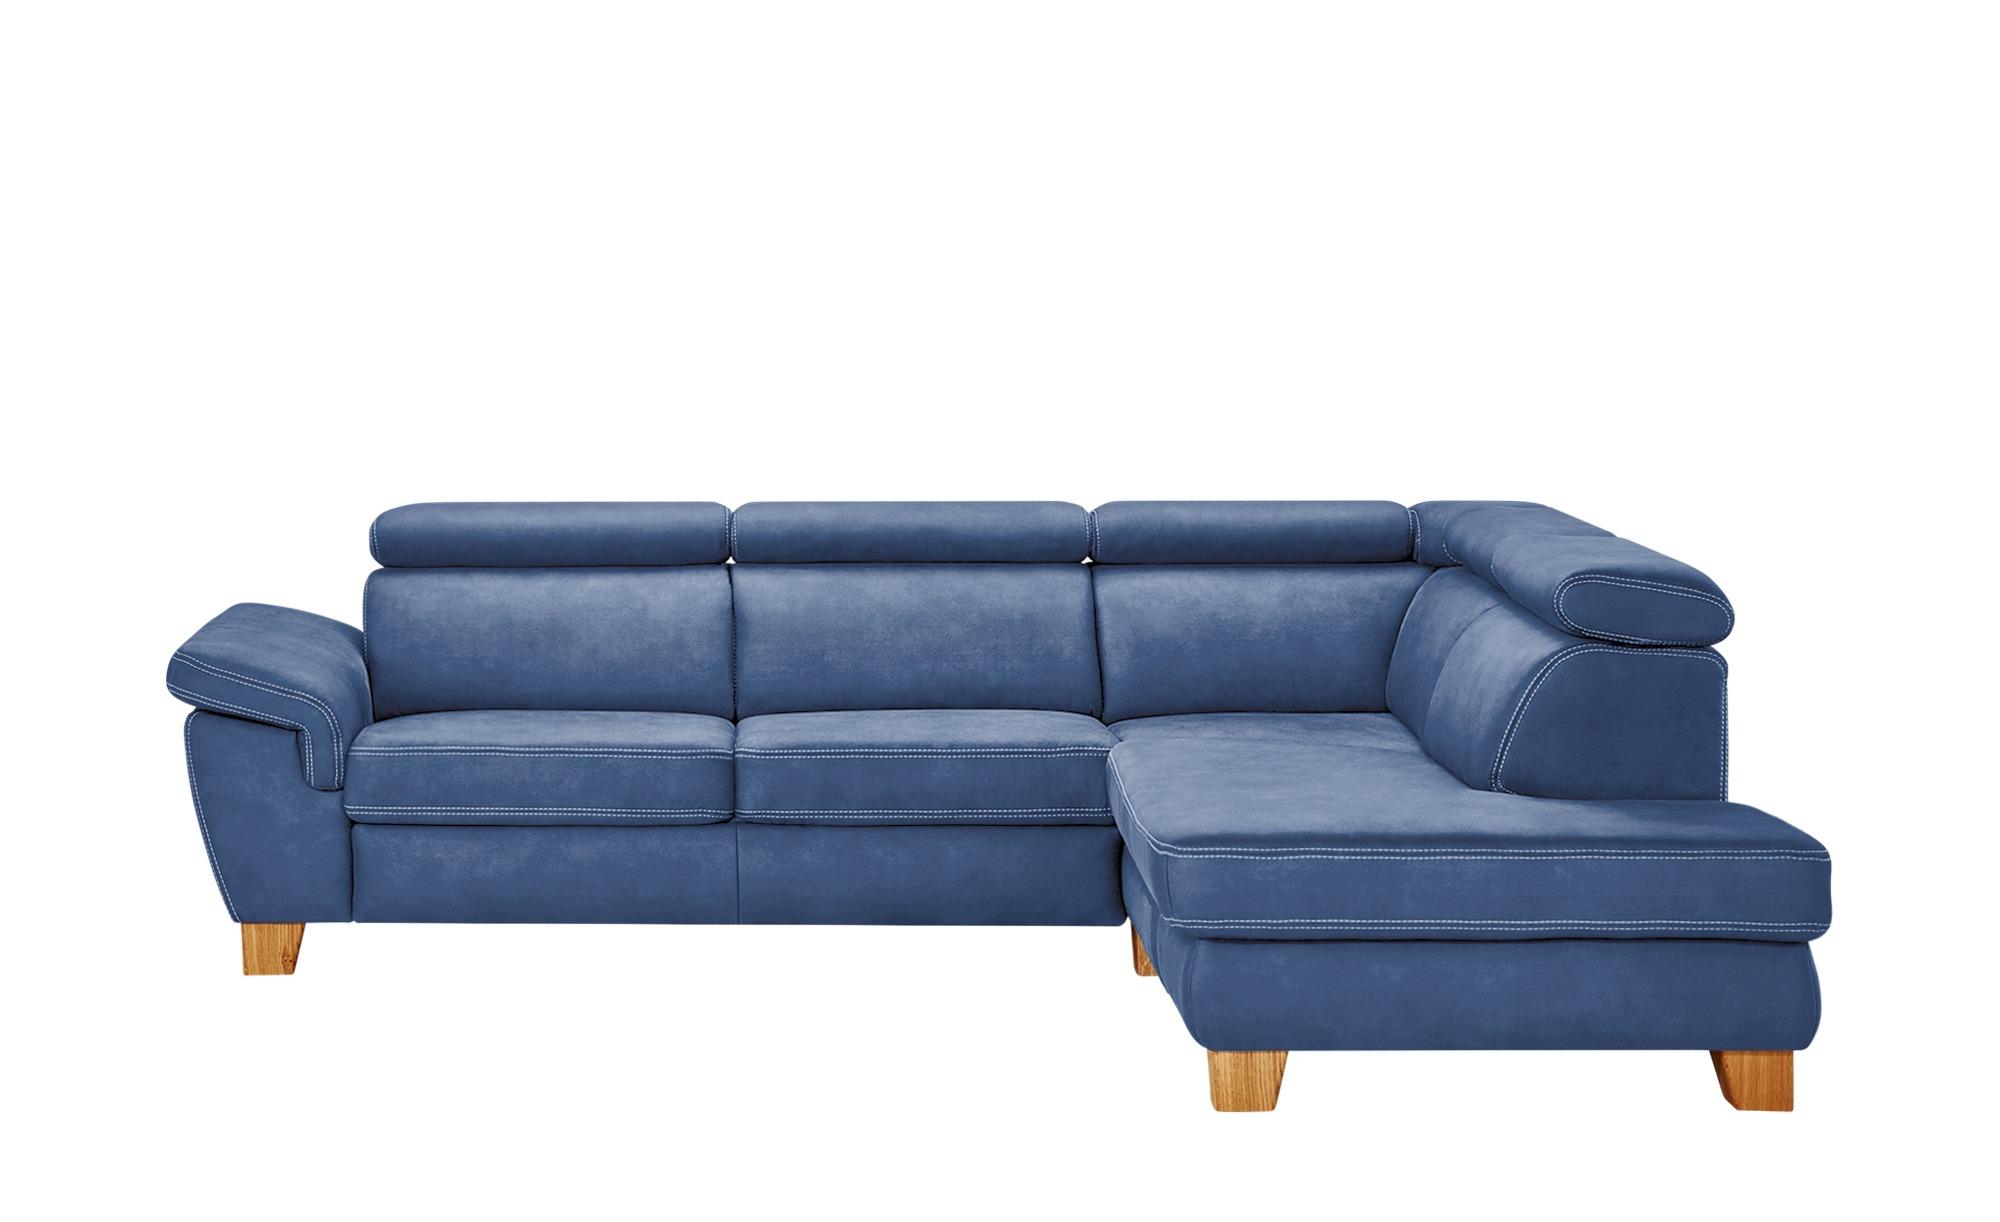 Full Size of Wohnwert Ecksofa Blau Mikrofaser Indra Sofa Design Indomo Bunt Canape Günstiges Liege Big Xxl Leinen Mit Schlaffunktion Federkern Esszimmer Erpo Mondo Samt Sofa Höffner Big Sofa